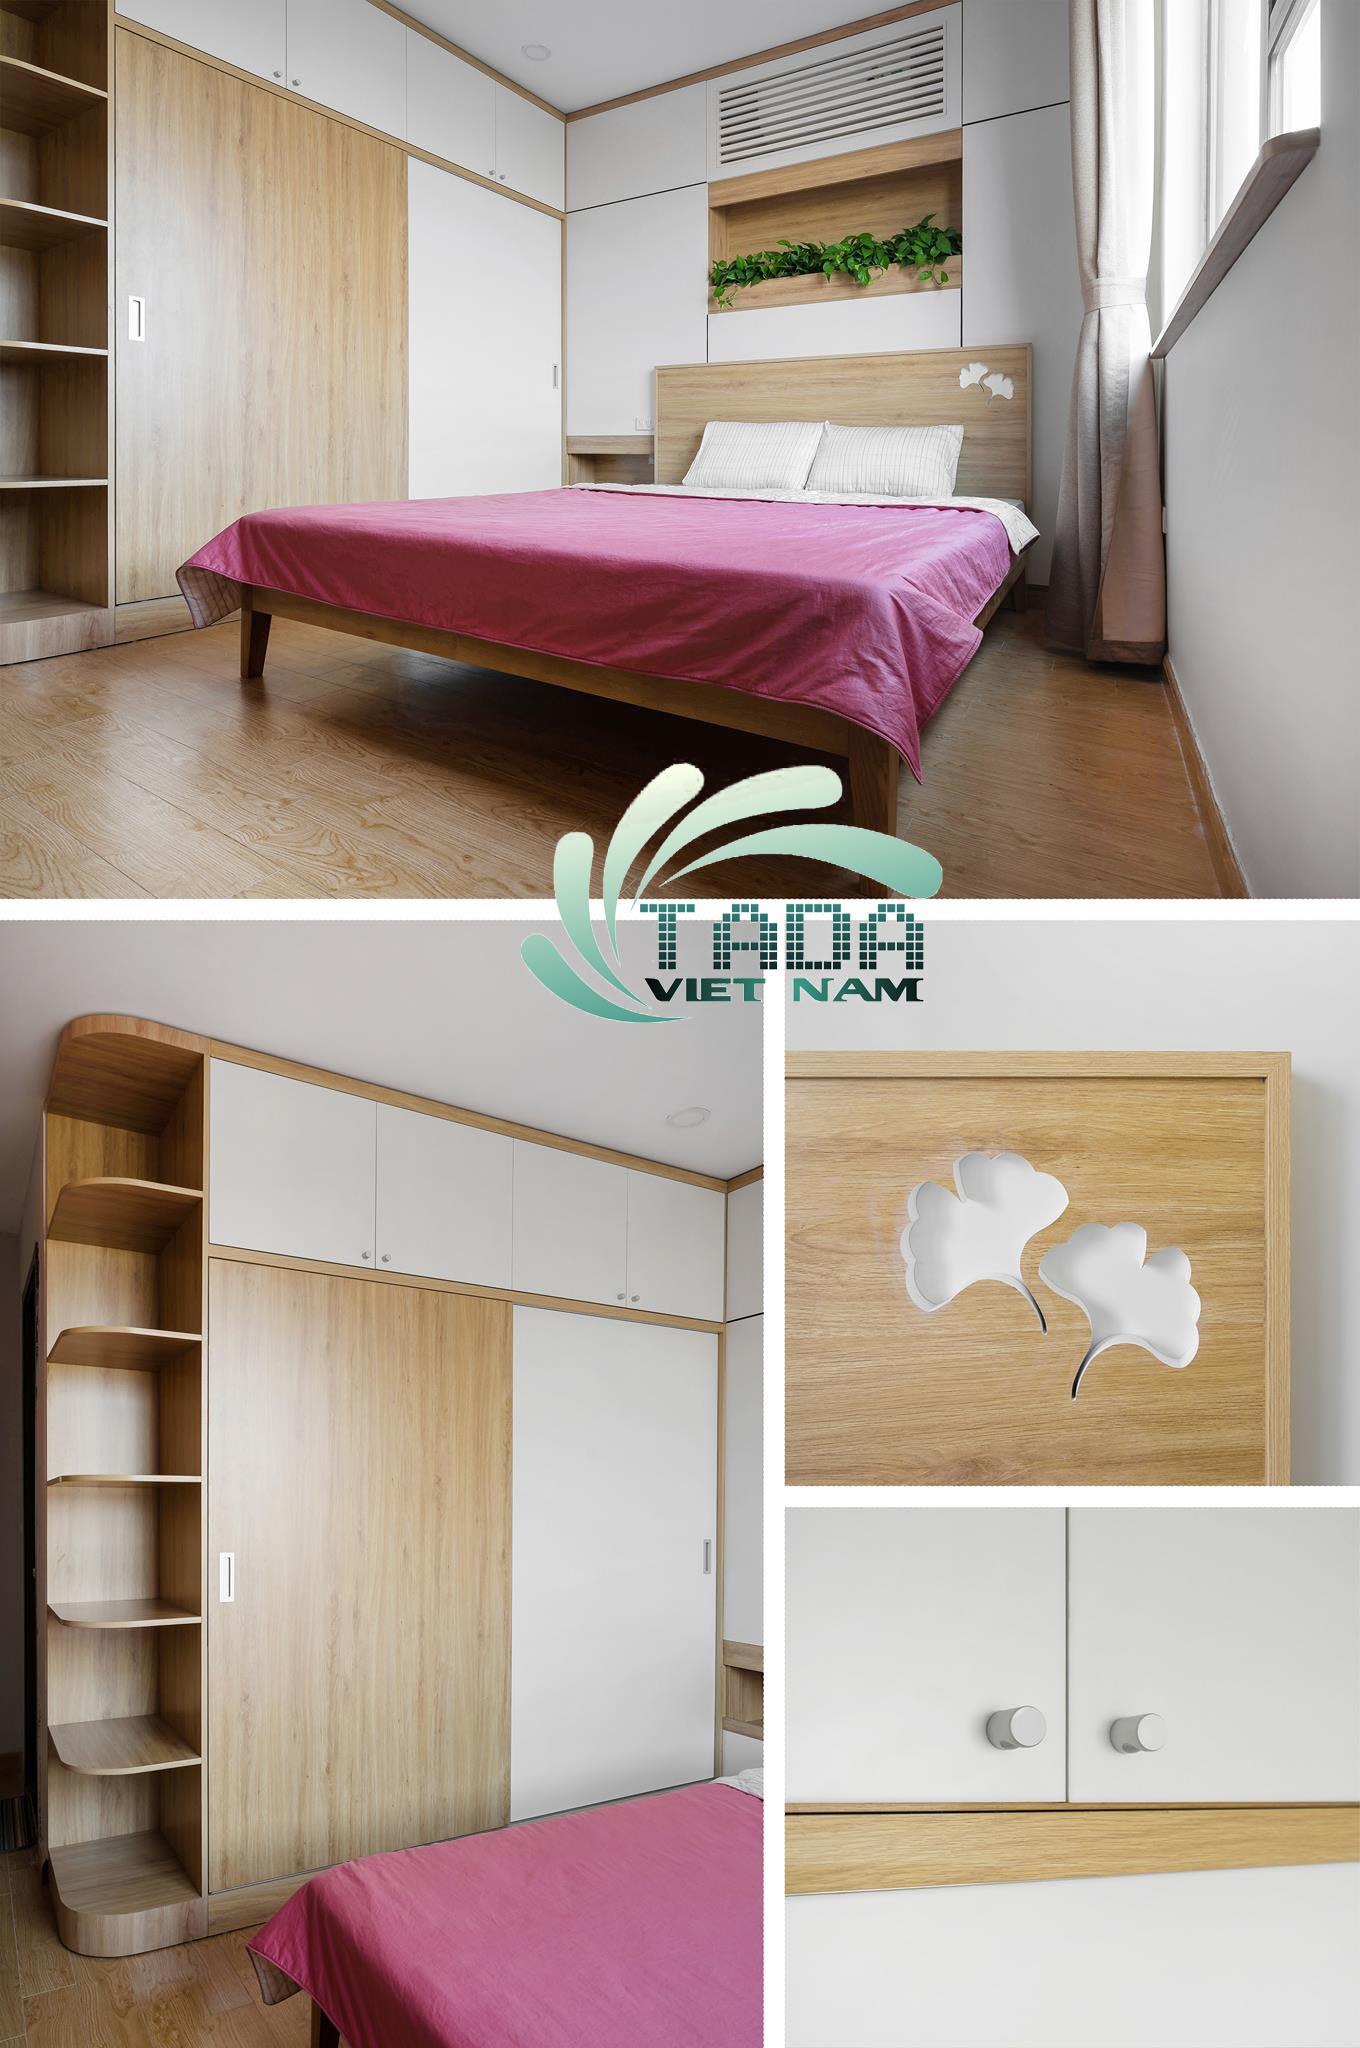 Trang trí phòng ngủ 18m2 tại Hà Nội